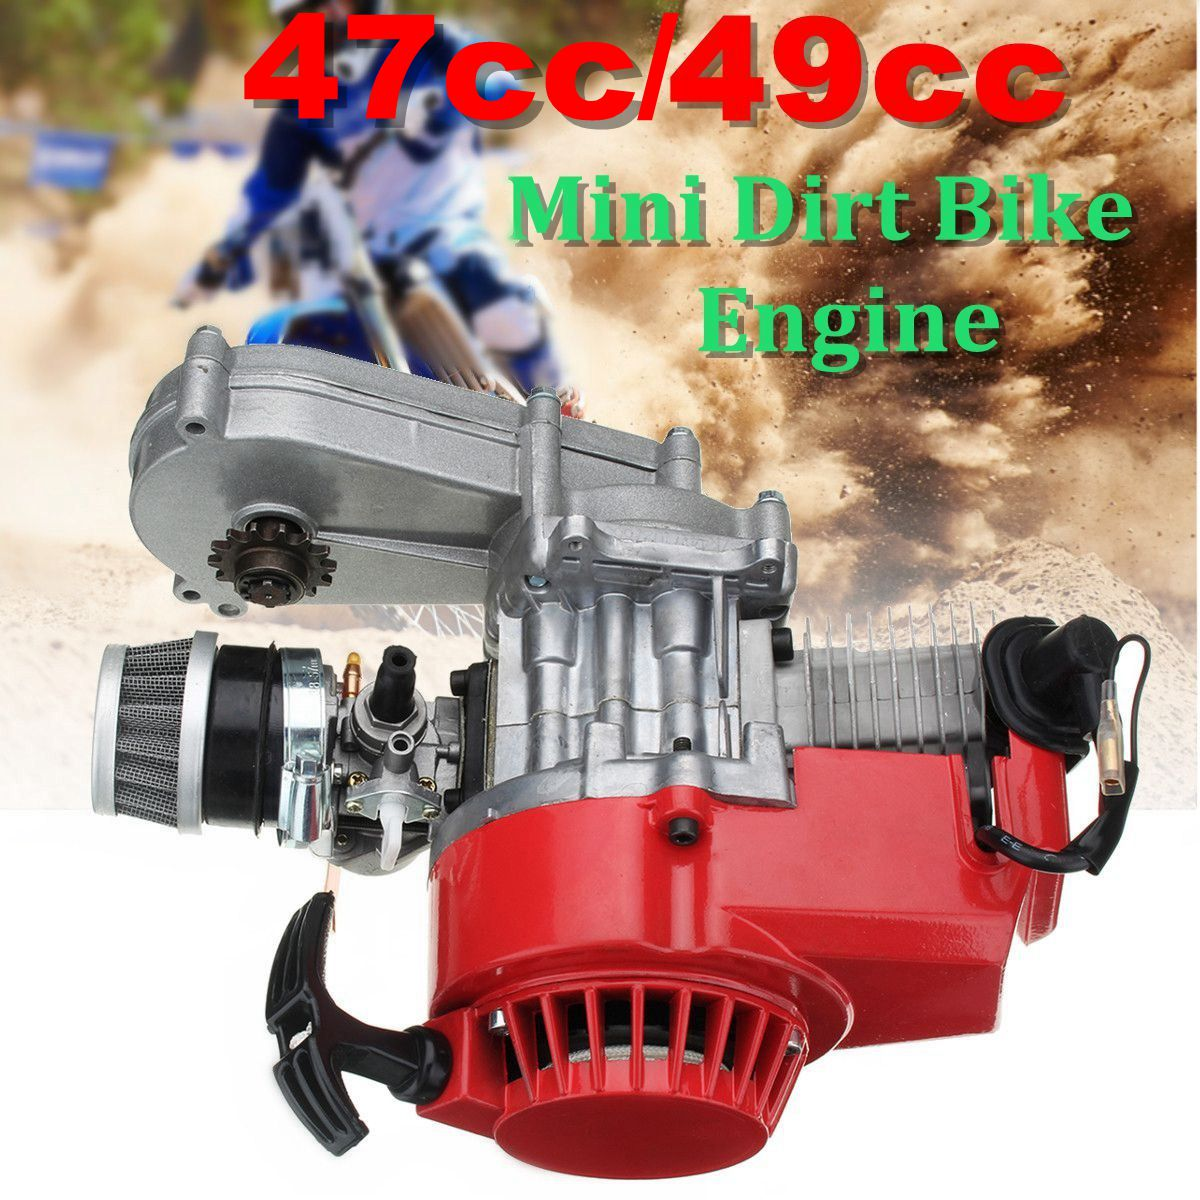 47cc/49cc Engine 2-нажимом запуска двигателя w/раздаточной коробки красный для мини Байк